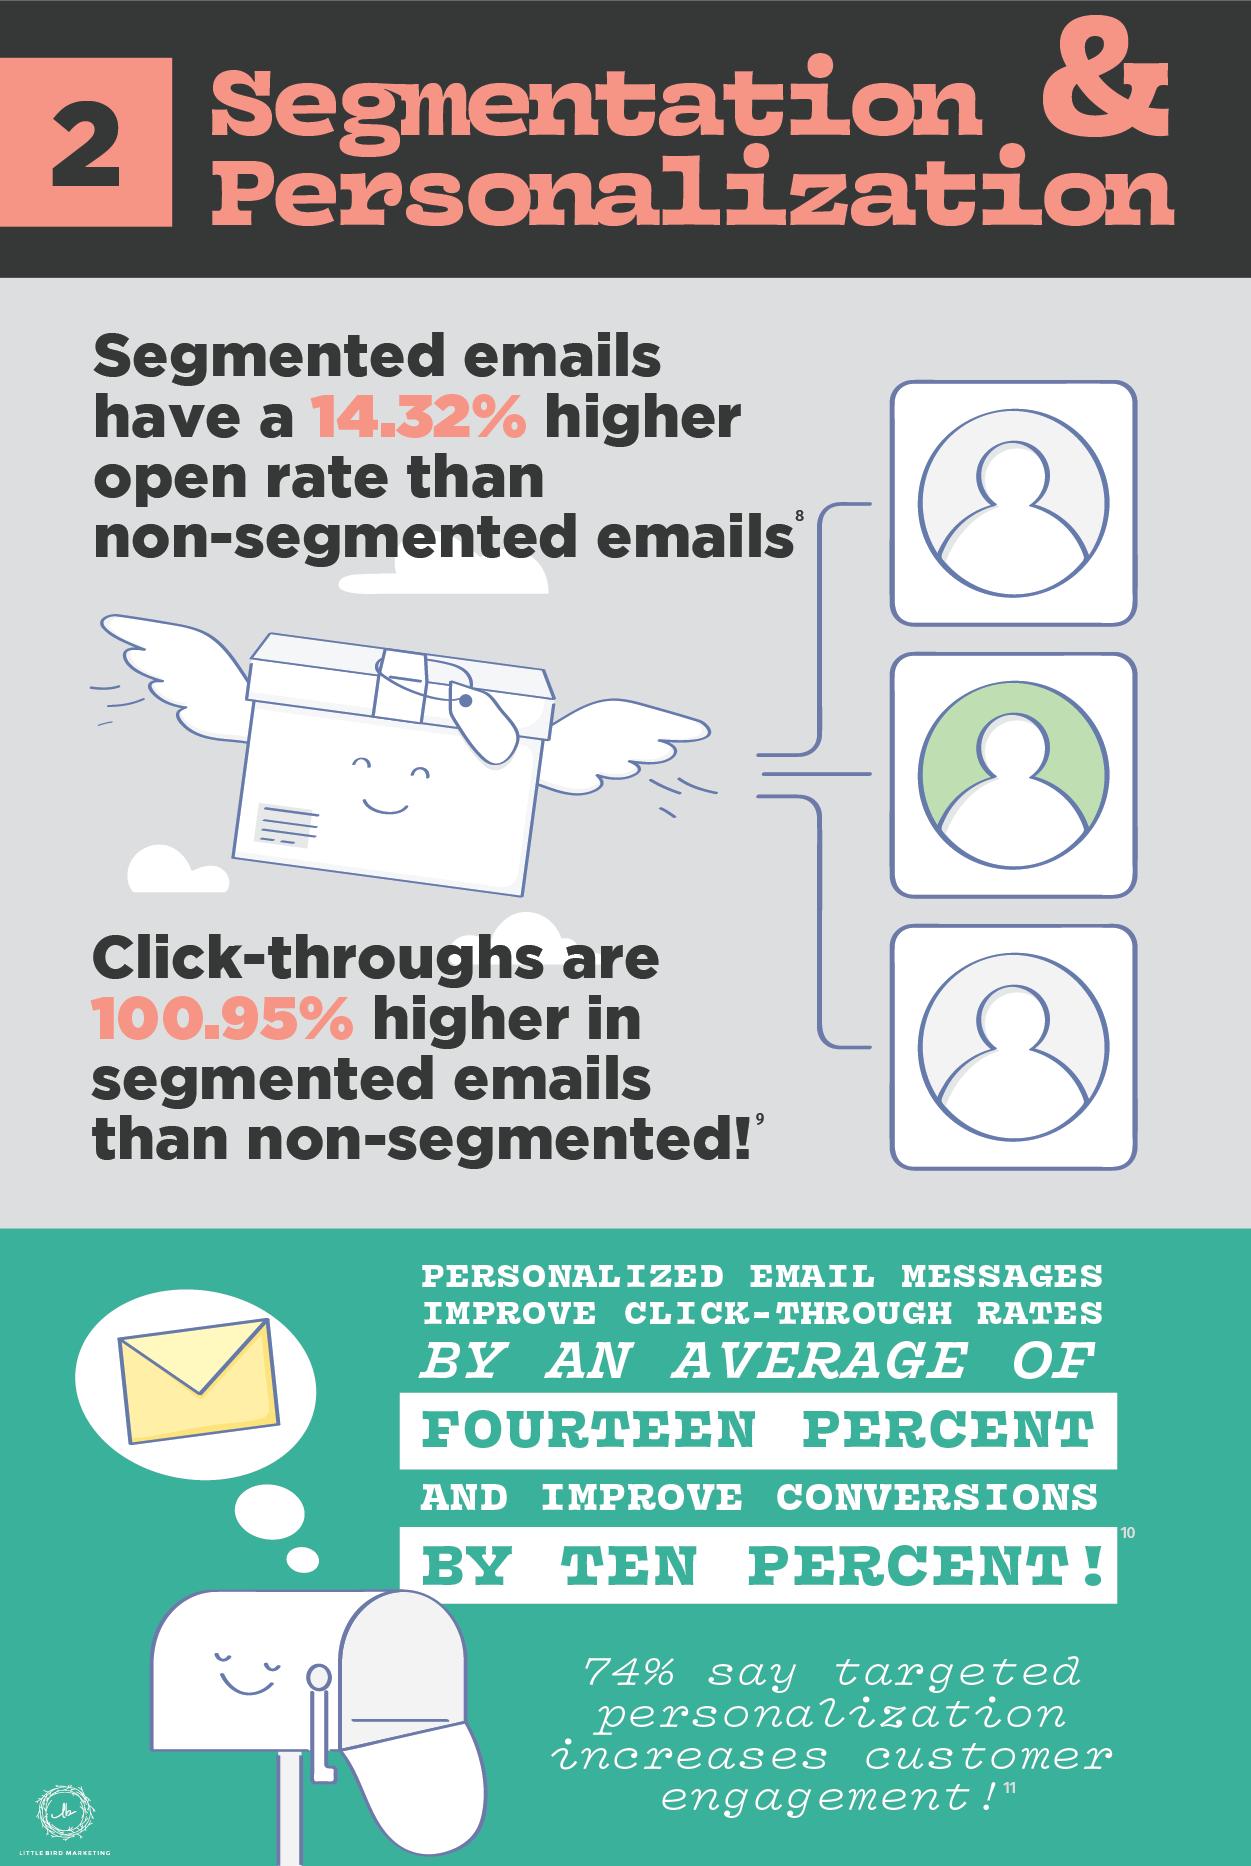 Email Segmentation Statistics